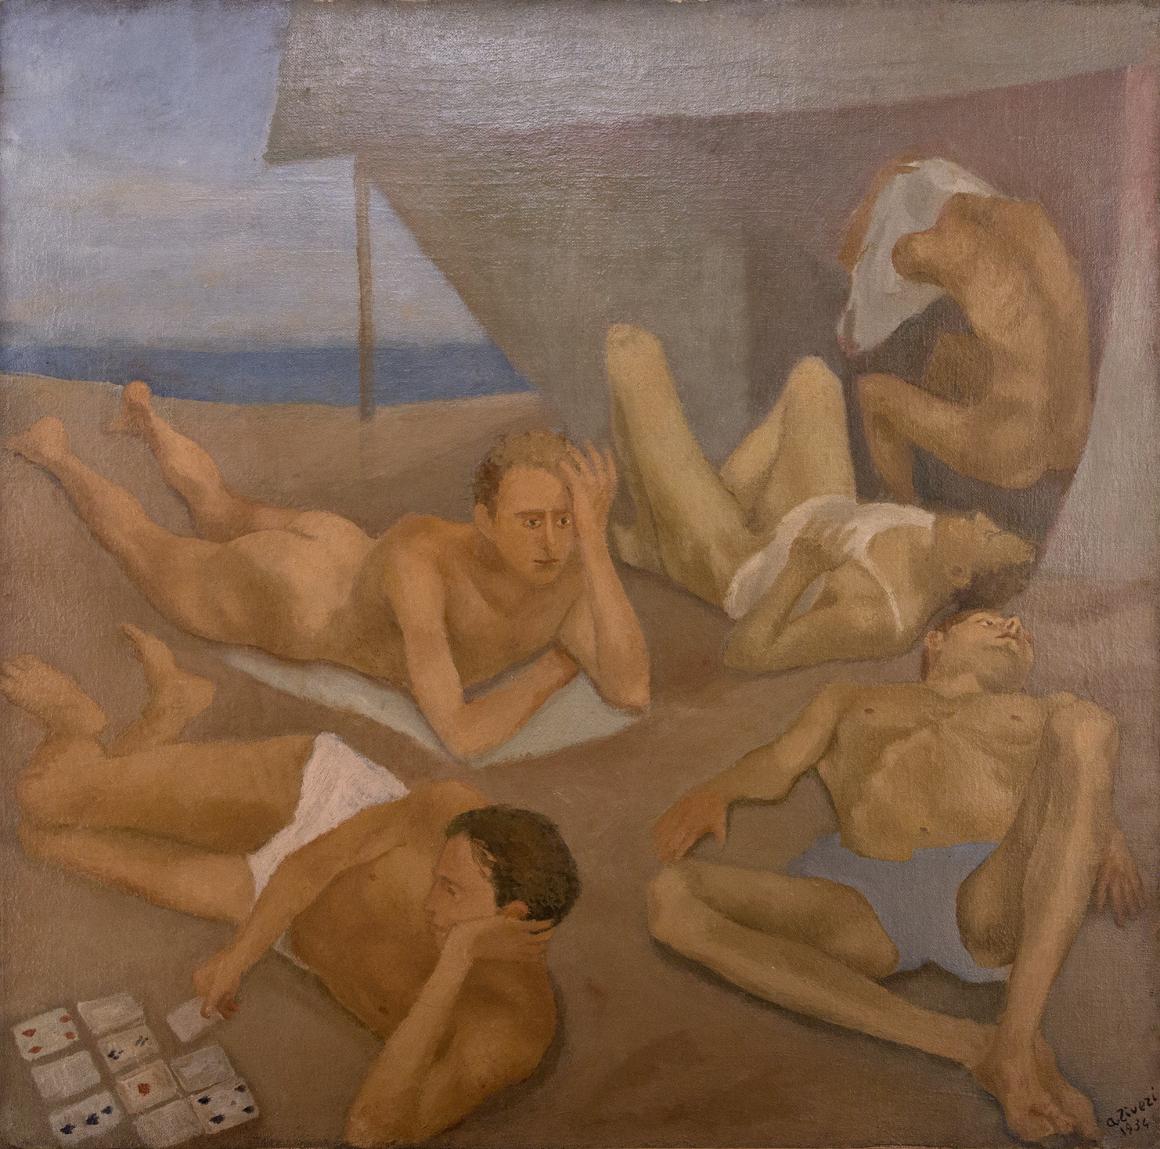 Alberto Ziveri, La Spiaggia (The Shore, 1934)